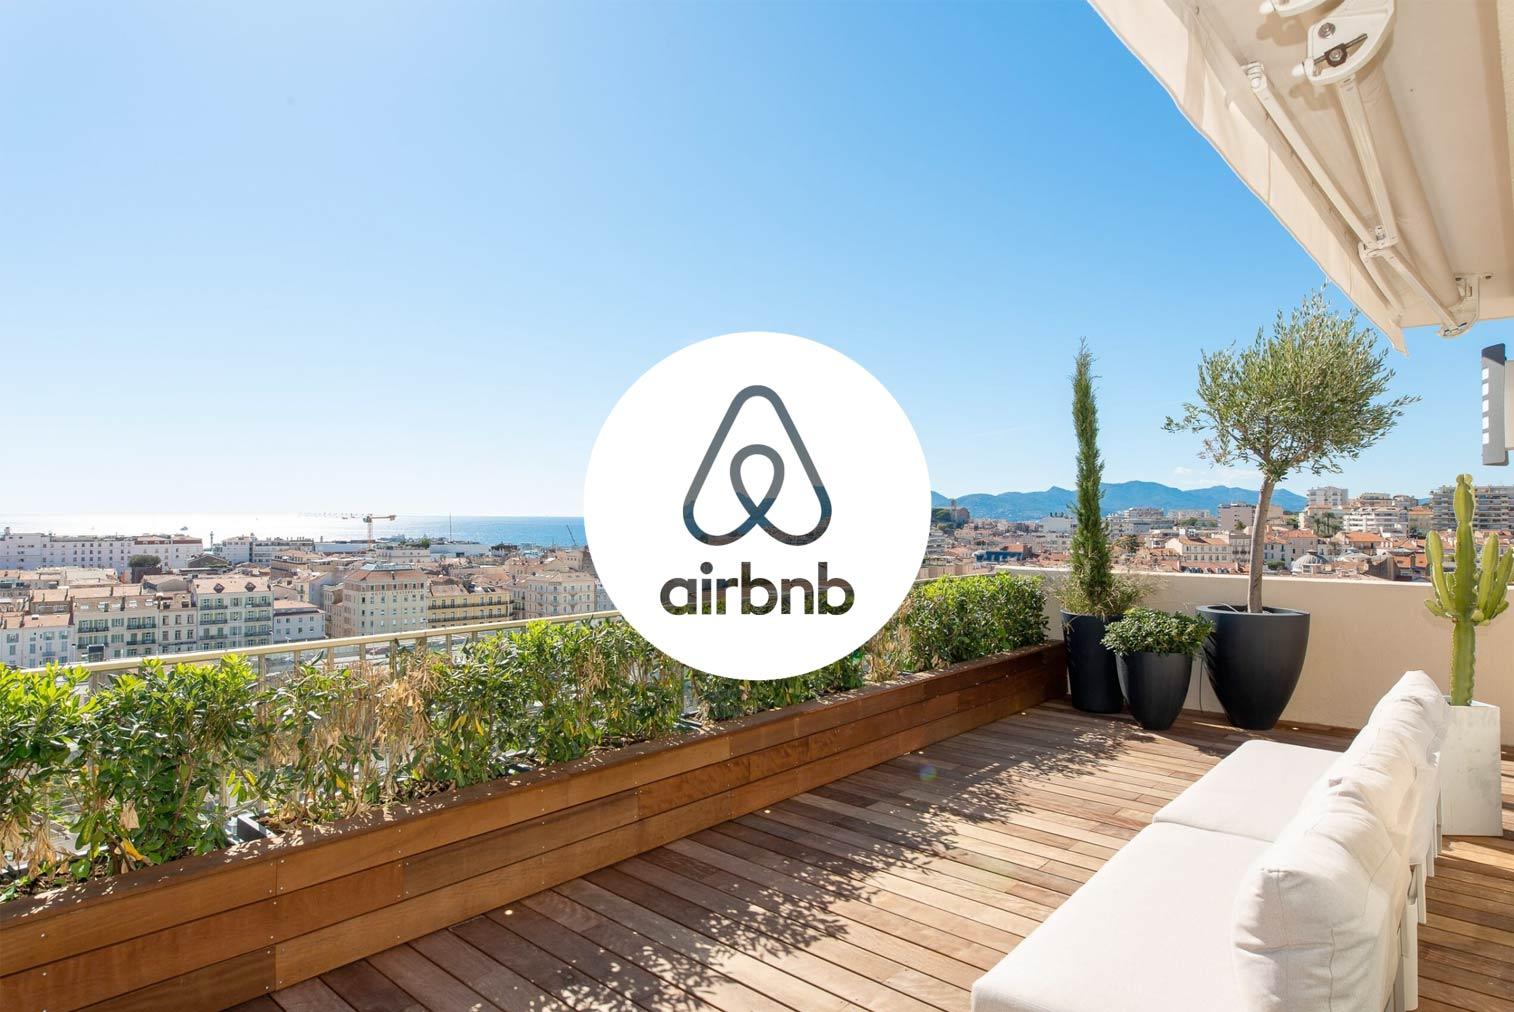 Comment Airbnb a révolutionné la location saisonnière auprès des particuliers